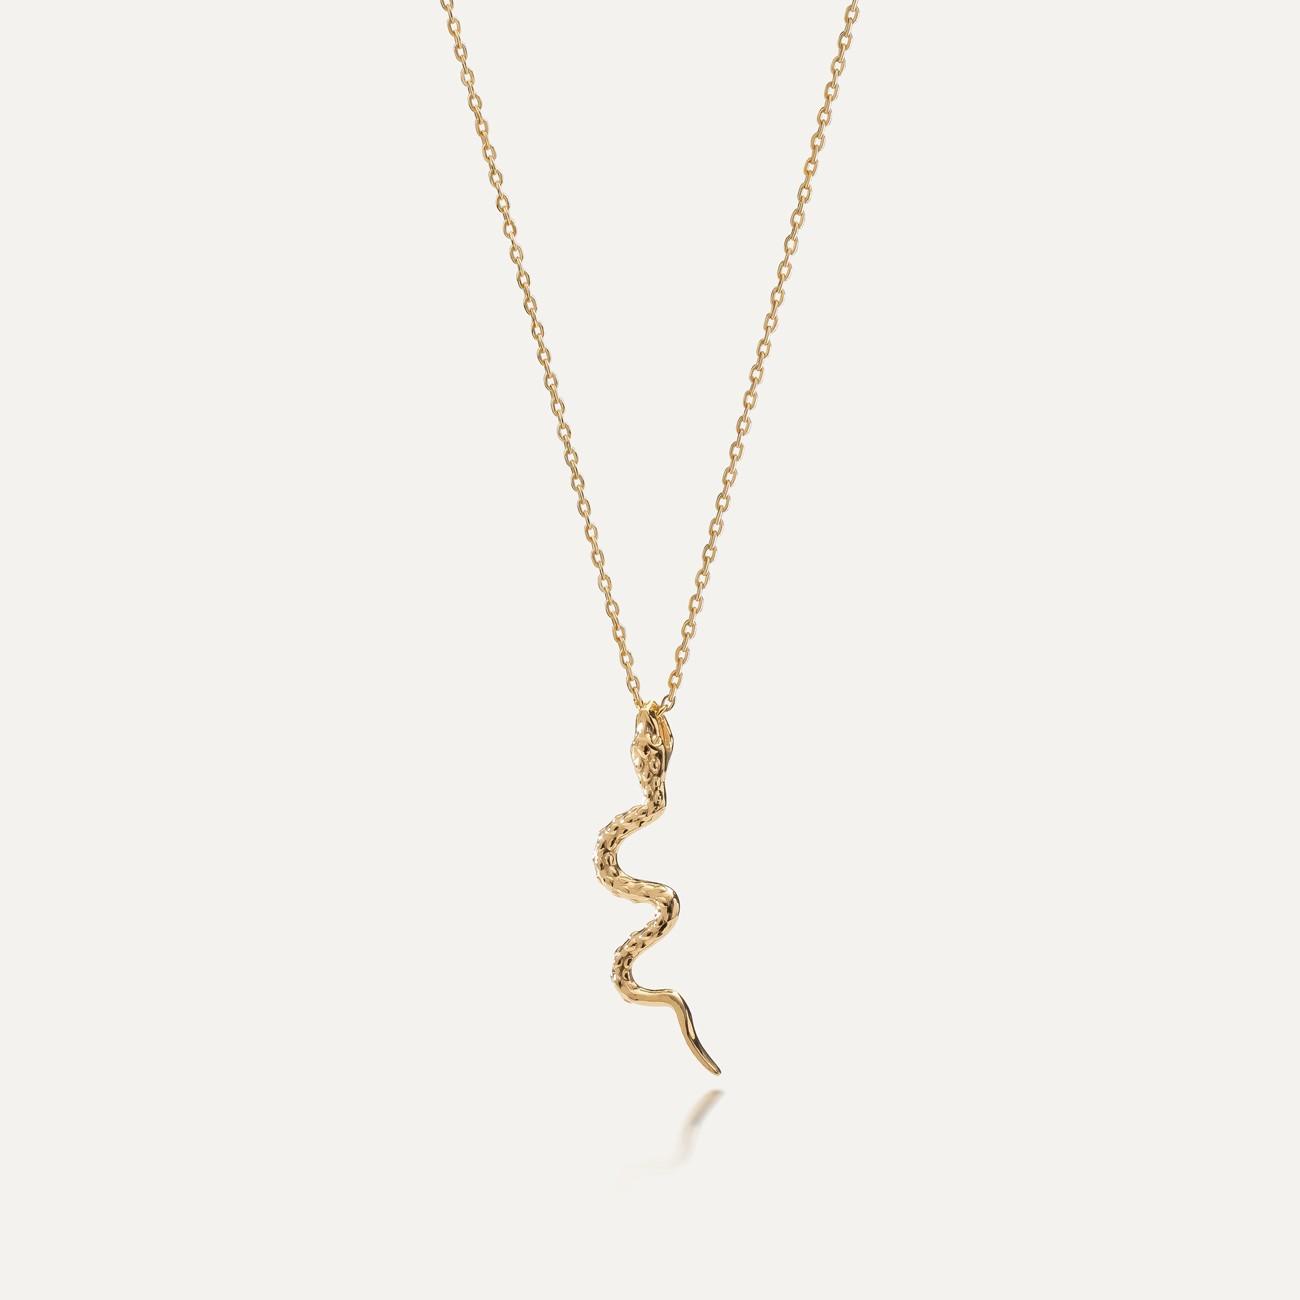 Halskette schlange MON DÉFI silber 925